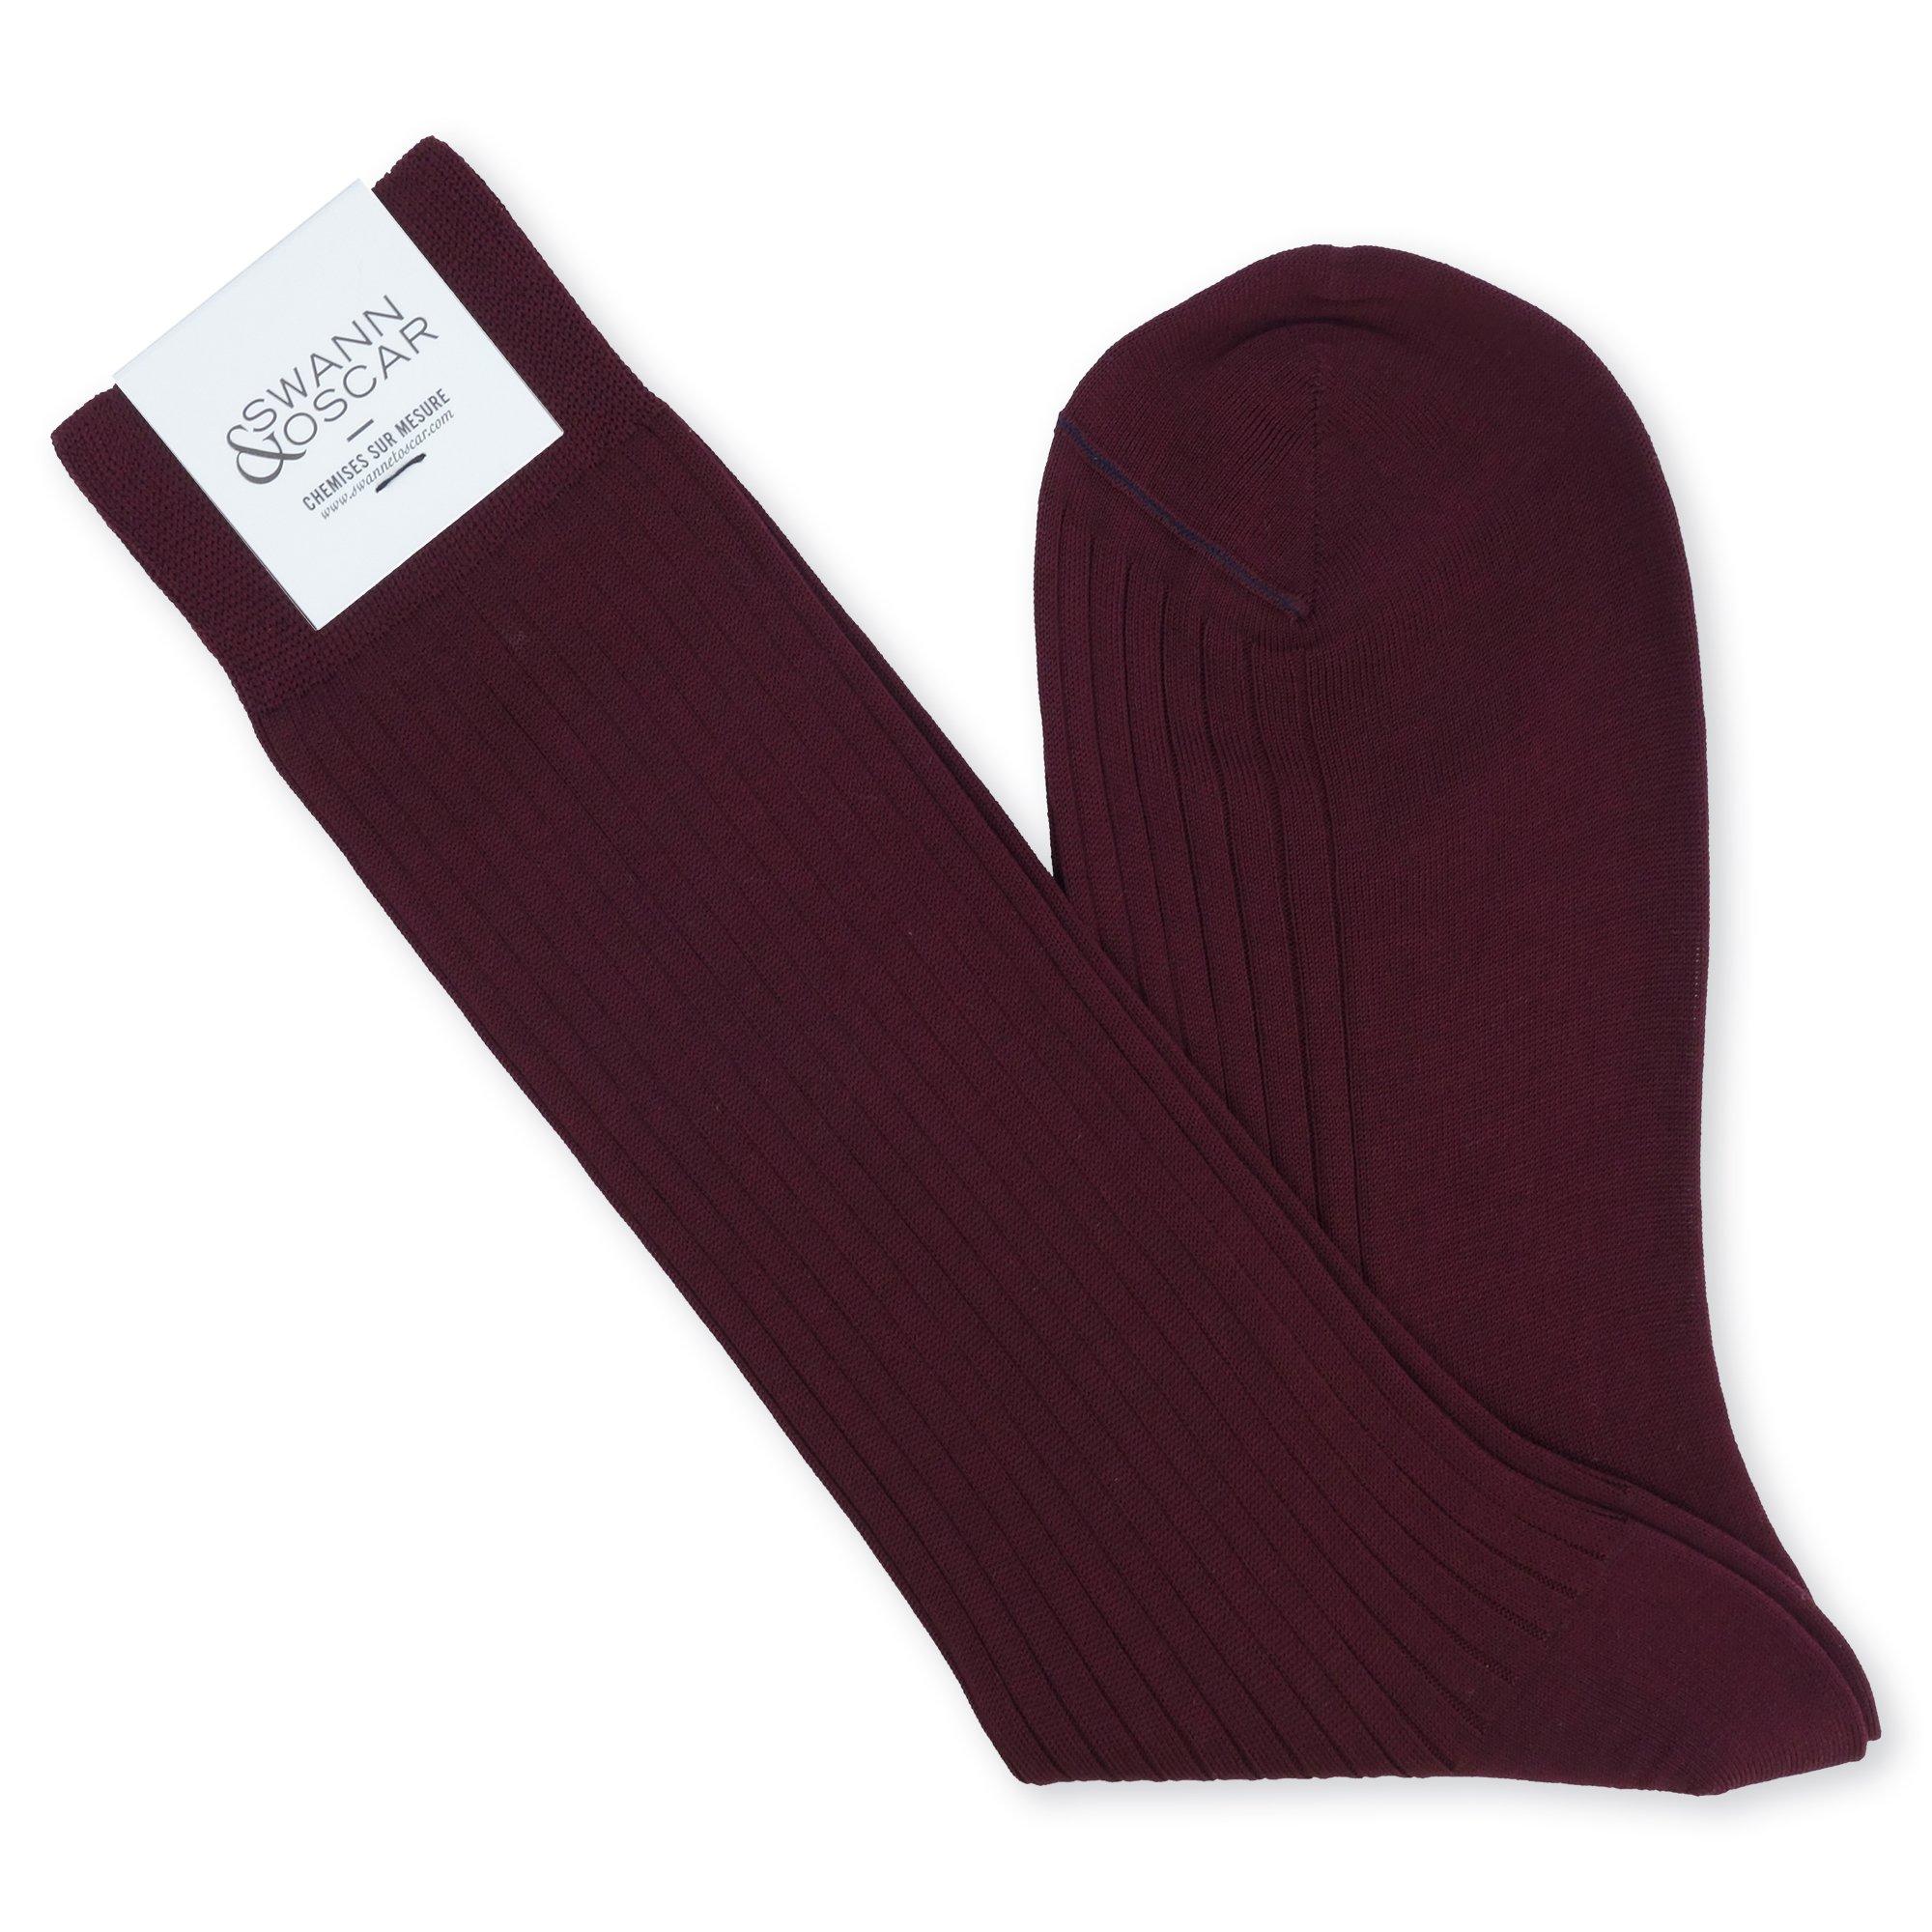 chaussettes fil d'ecosse rouge bordeaux